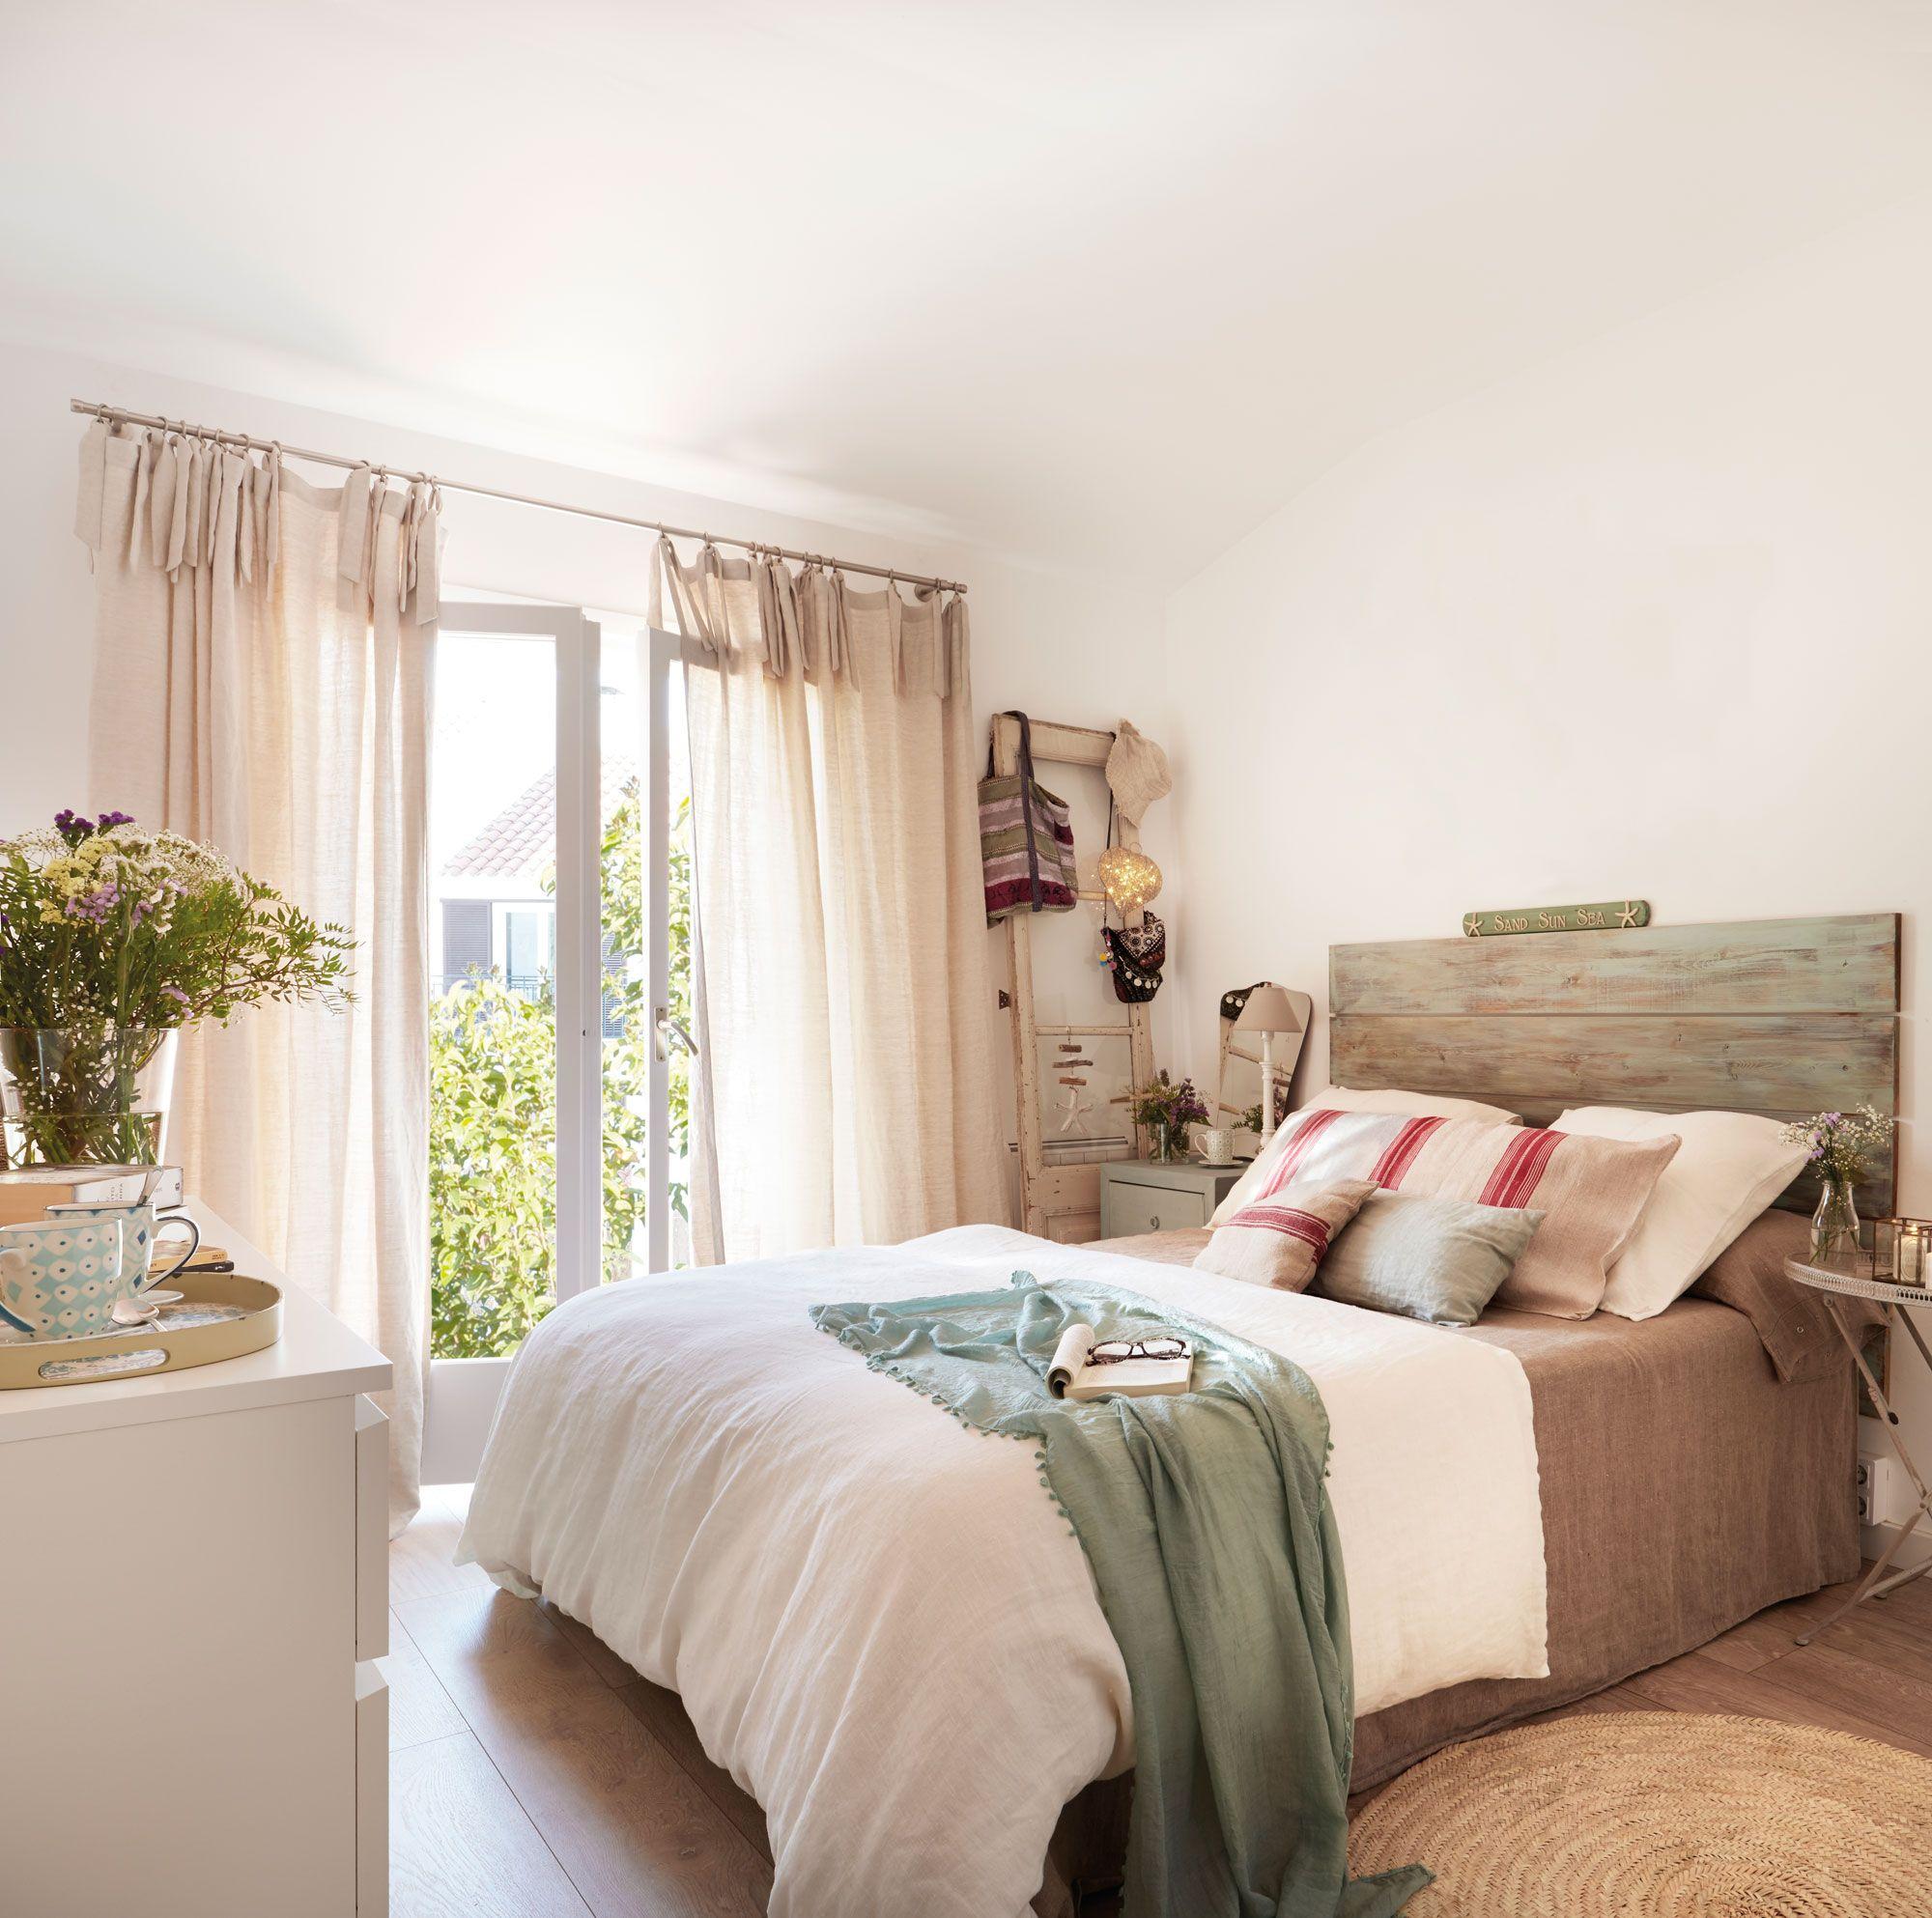 Dormitorio con caídas en color crudo. 00436806b | Desastre, Elegi y ...